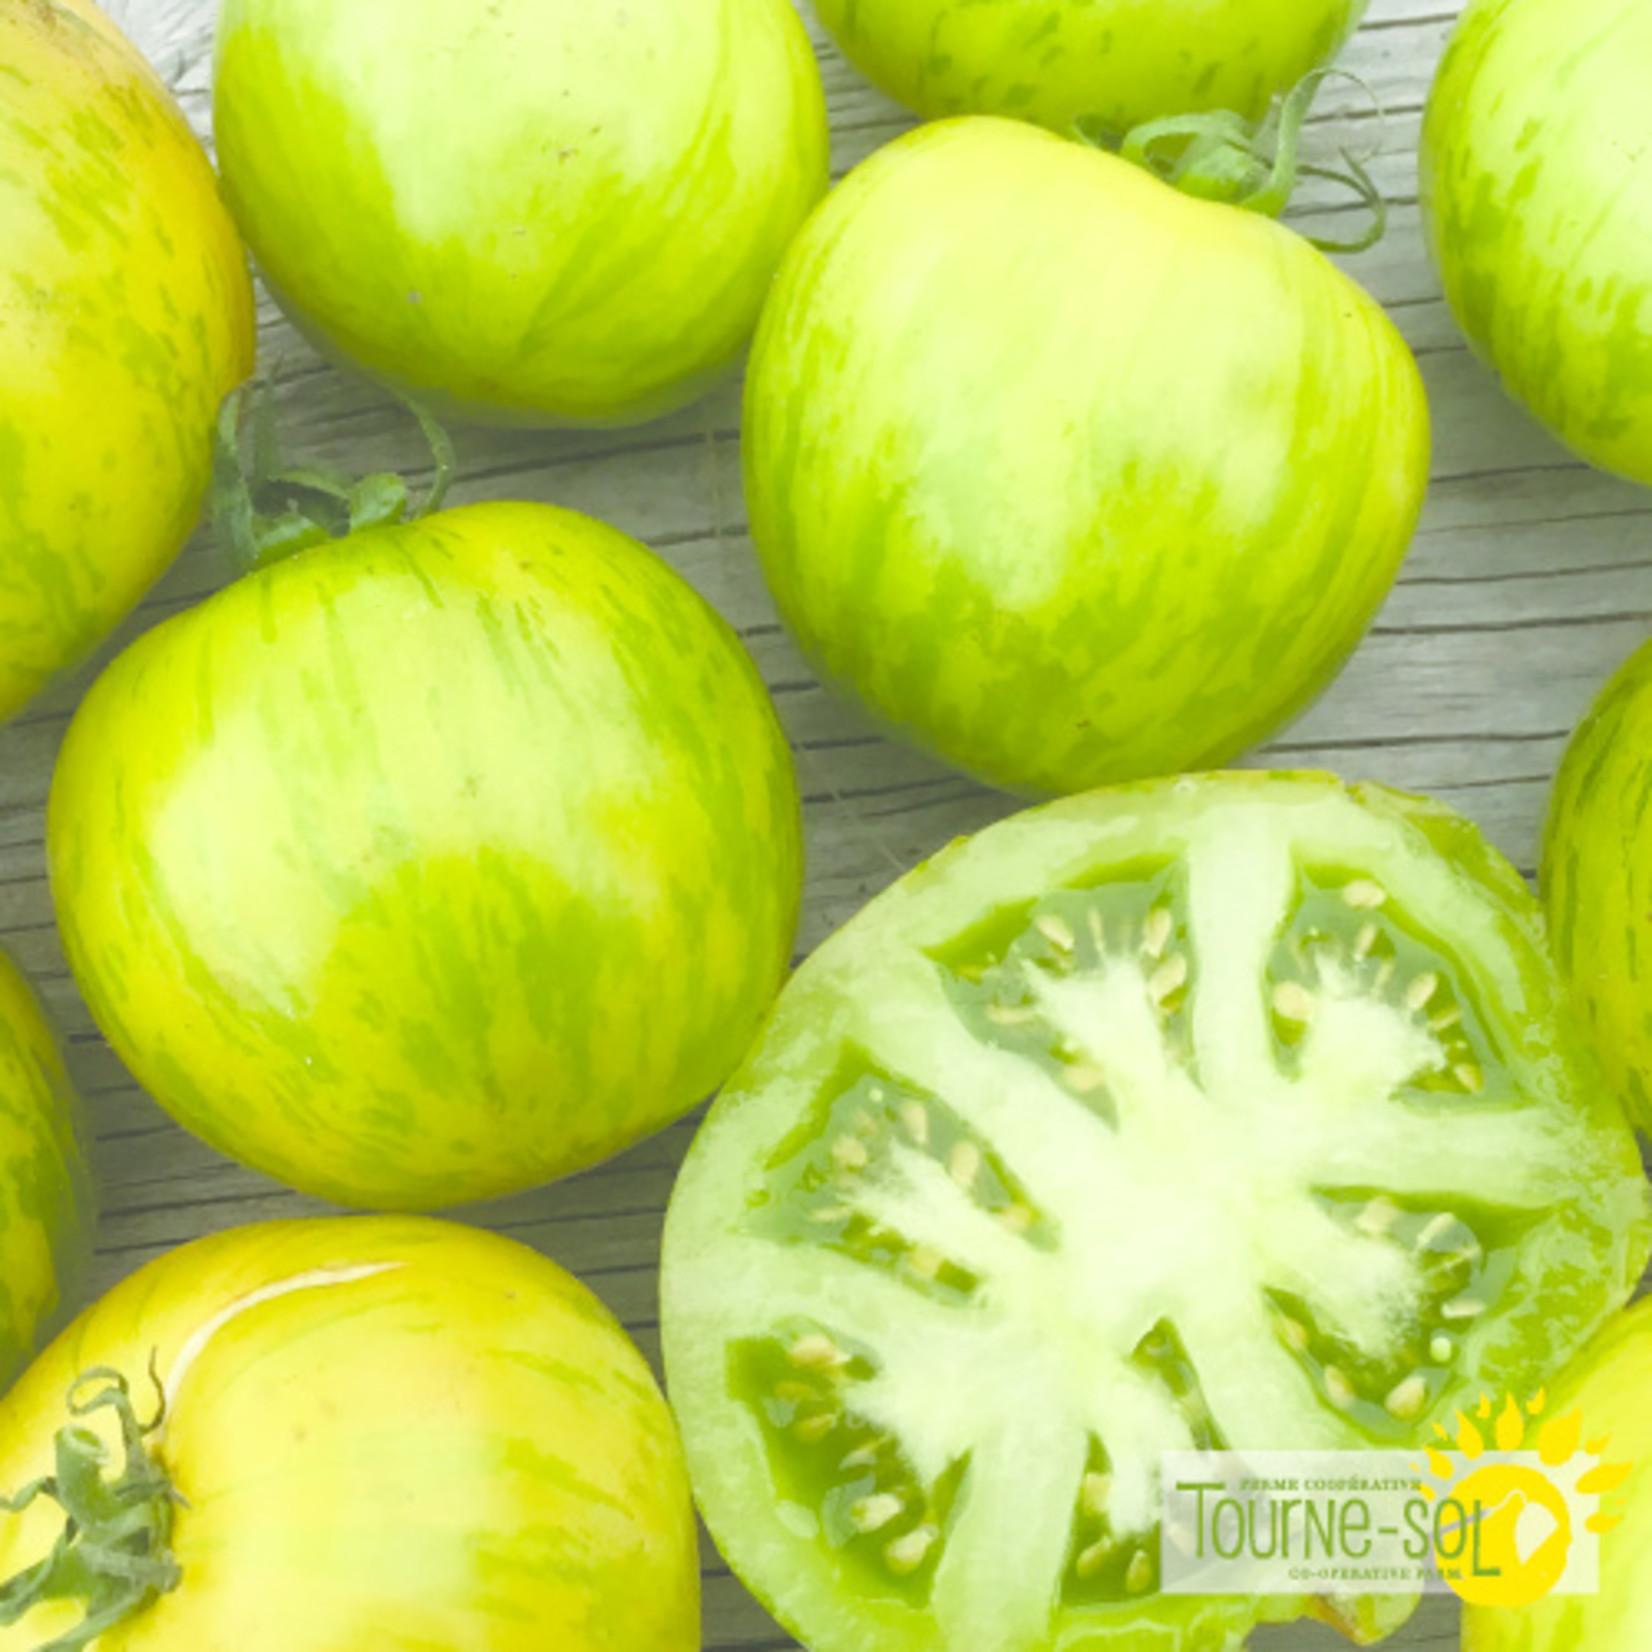 Tourne-Sol  Green Zebra green tomato